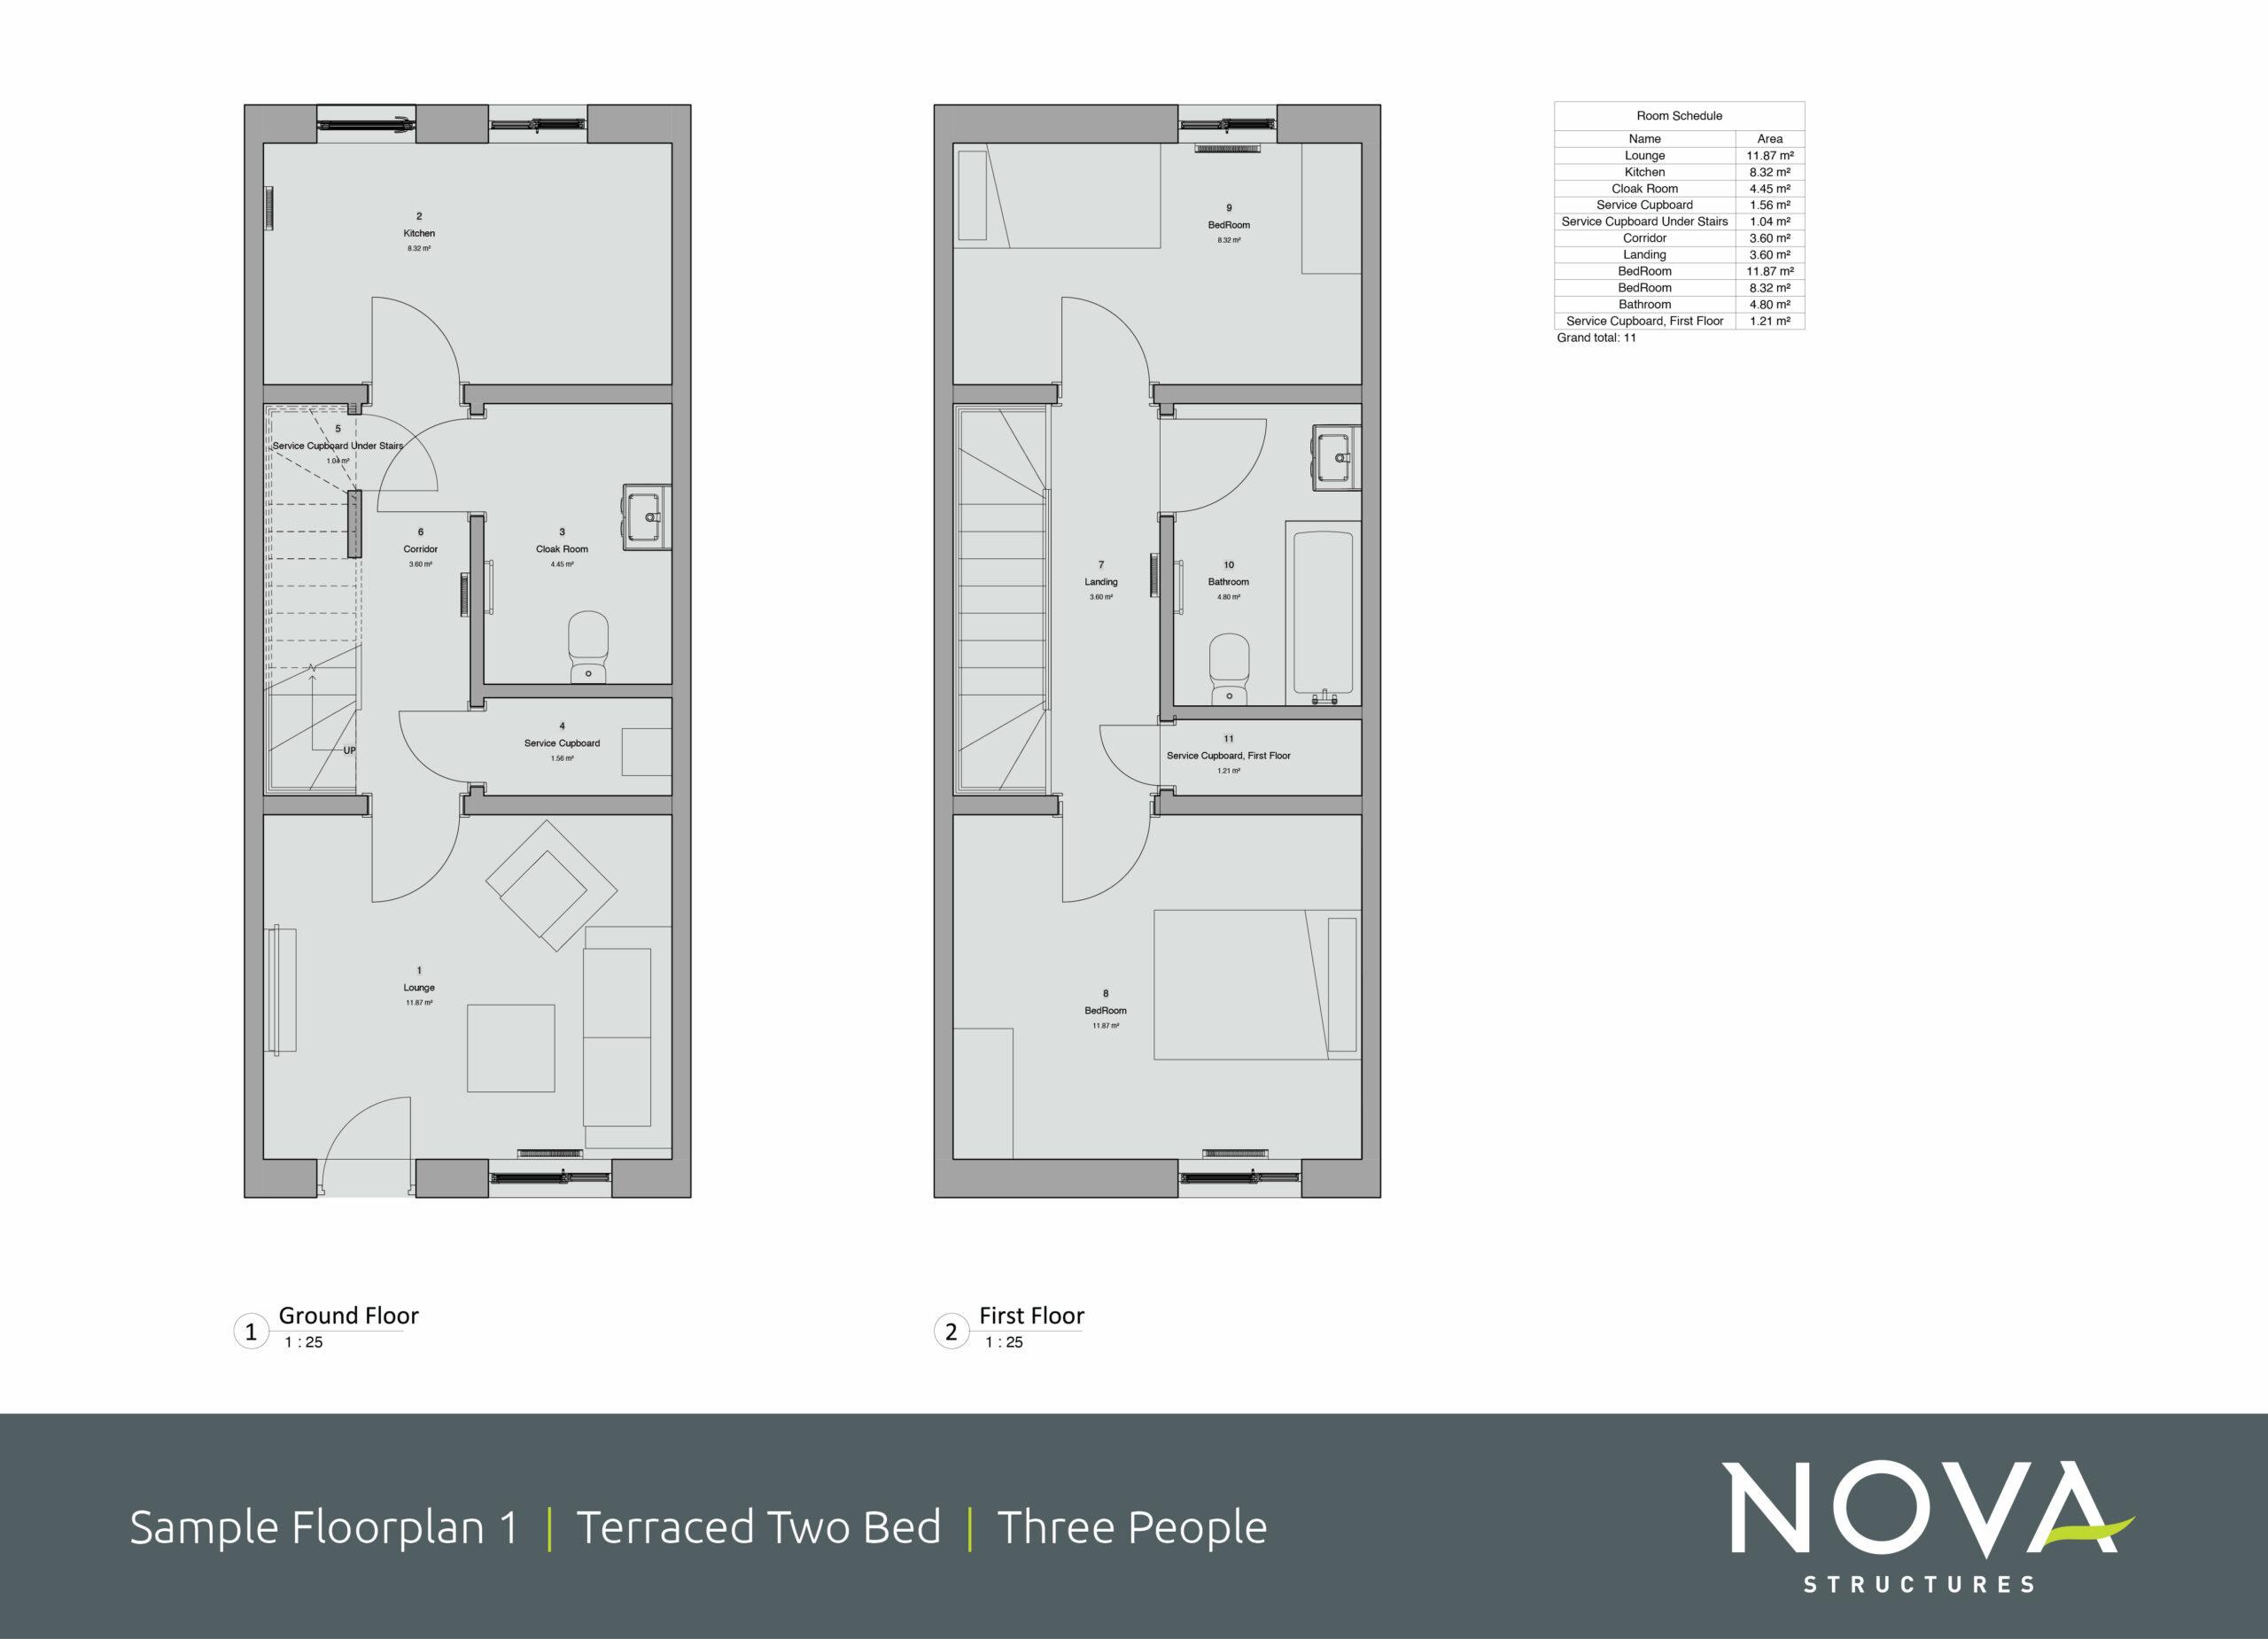 Sample-Floorplan-01-01-01